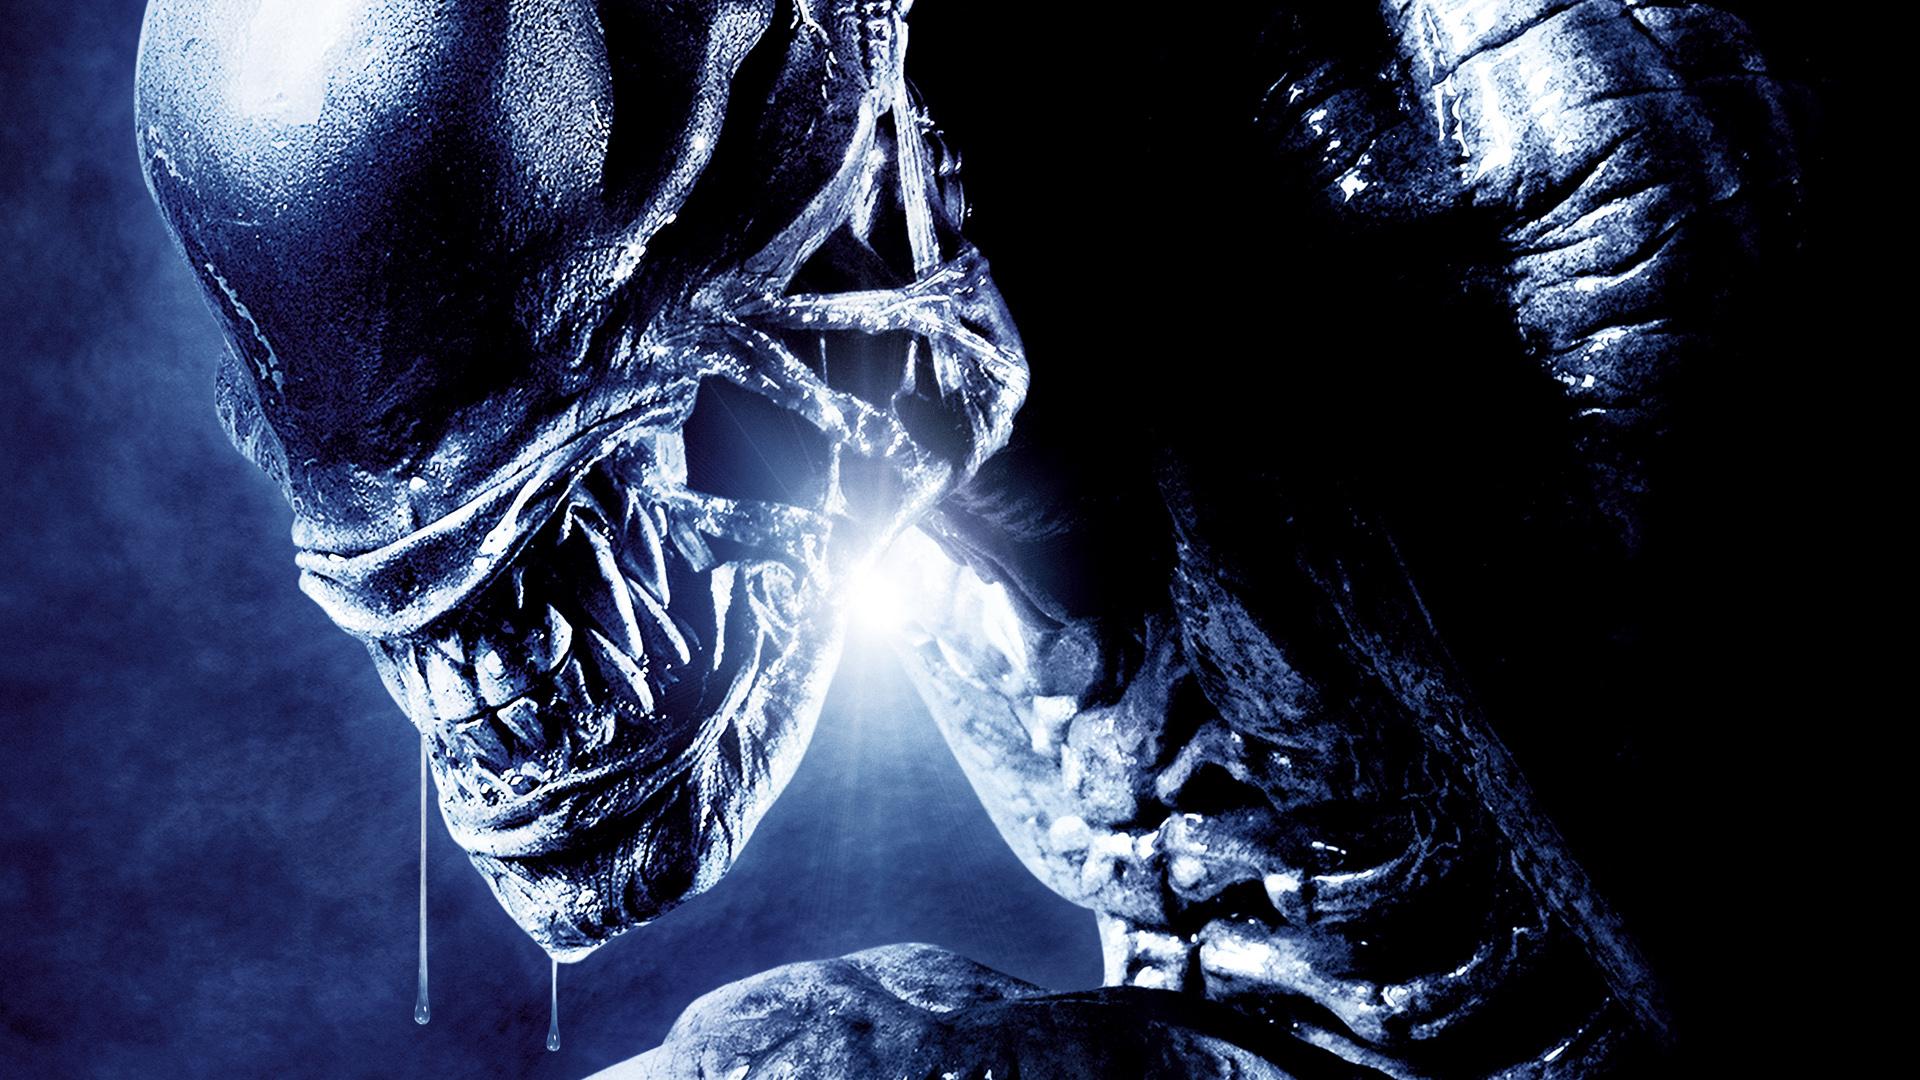 Alien Vs Predator Imdb